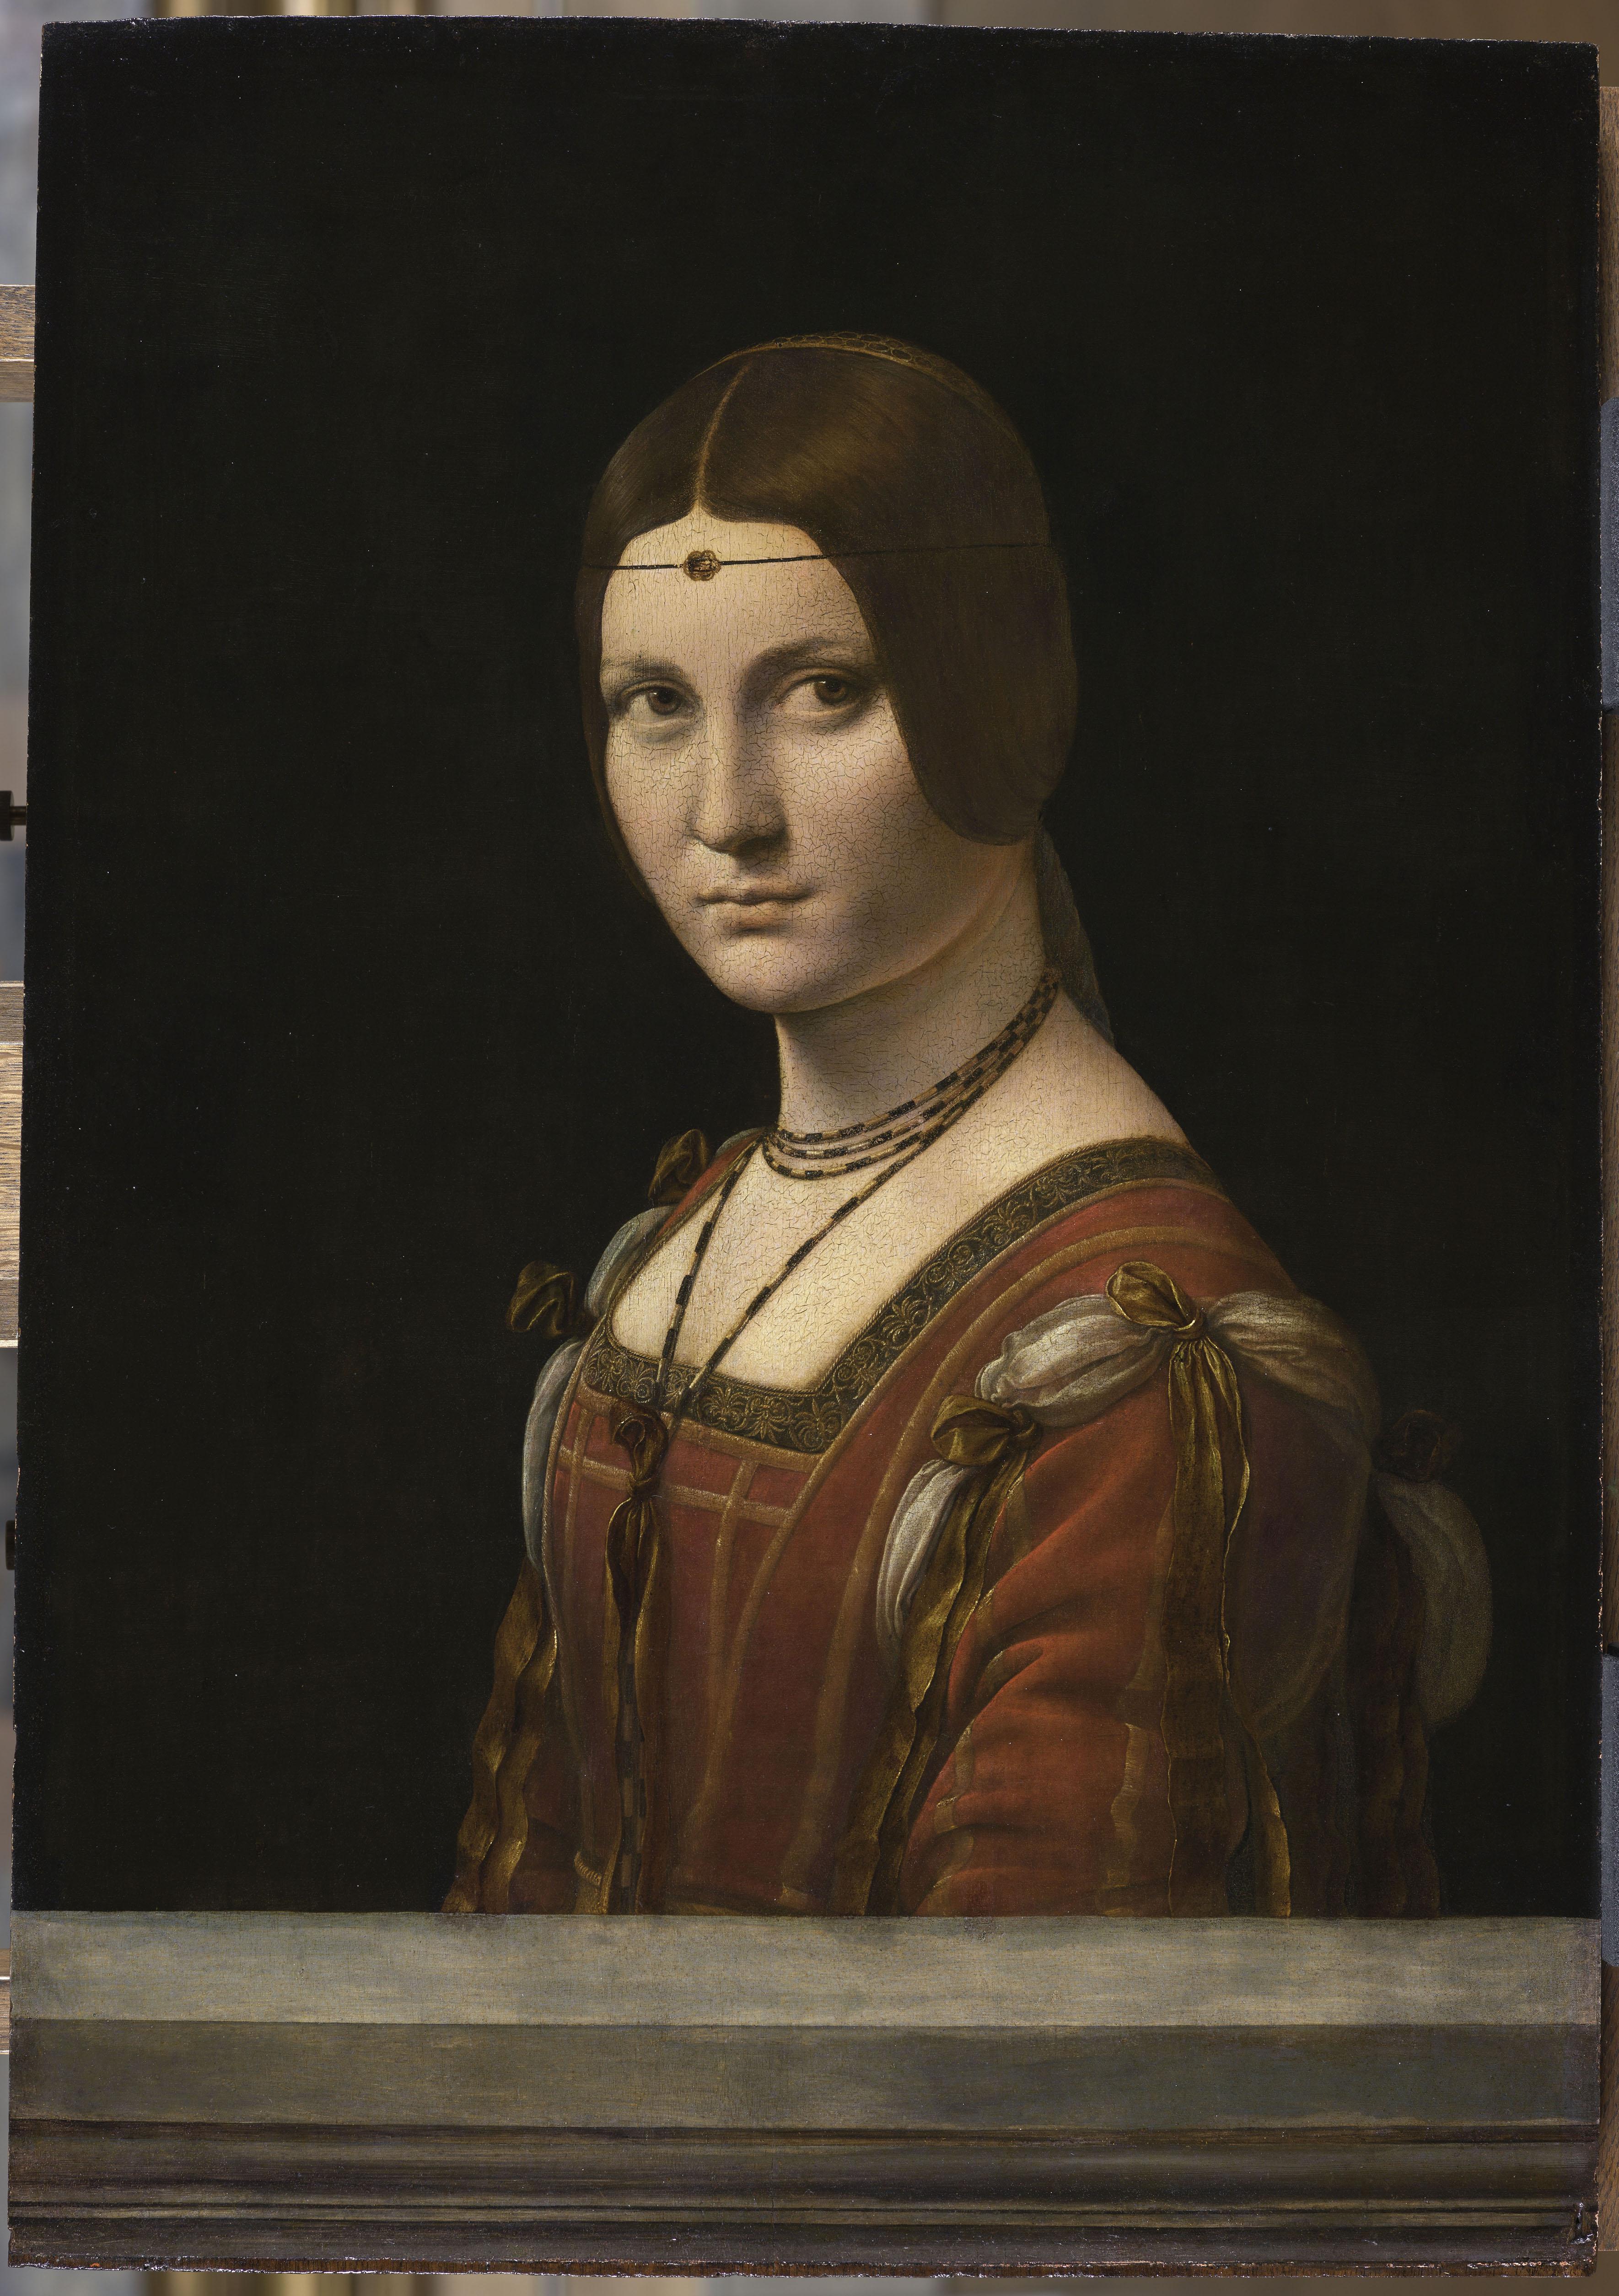 12._leonard_de_vinci_portrait_dune_dame_de_la_cour_de_milan_dit_a_tort_la_belle_ferronniere_c_rmn-grand_palais_musee_du_louvre_michel_urtado_5dadc5964949d.jpg